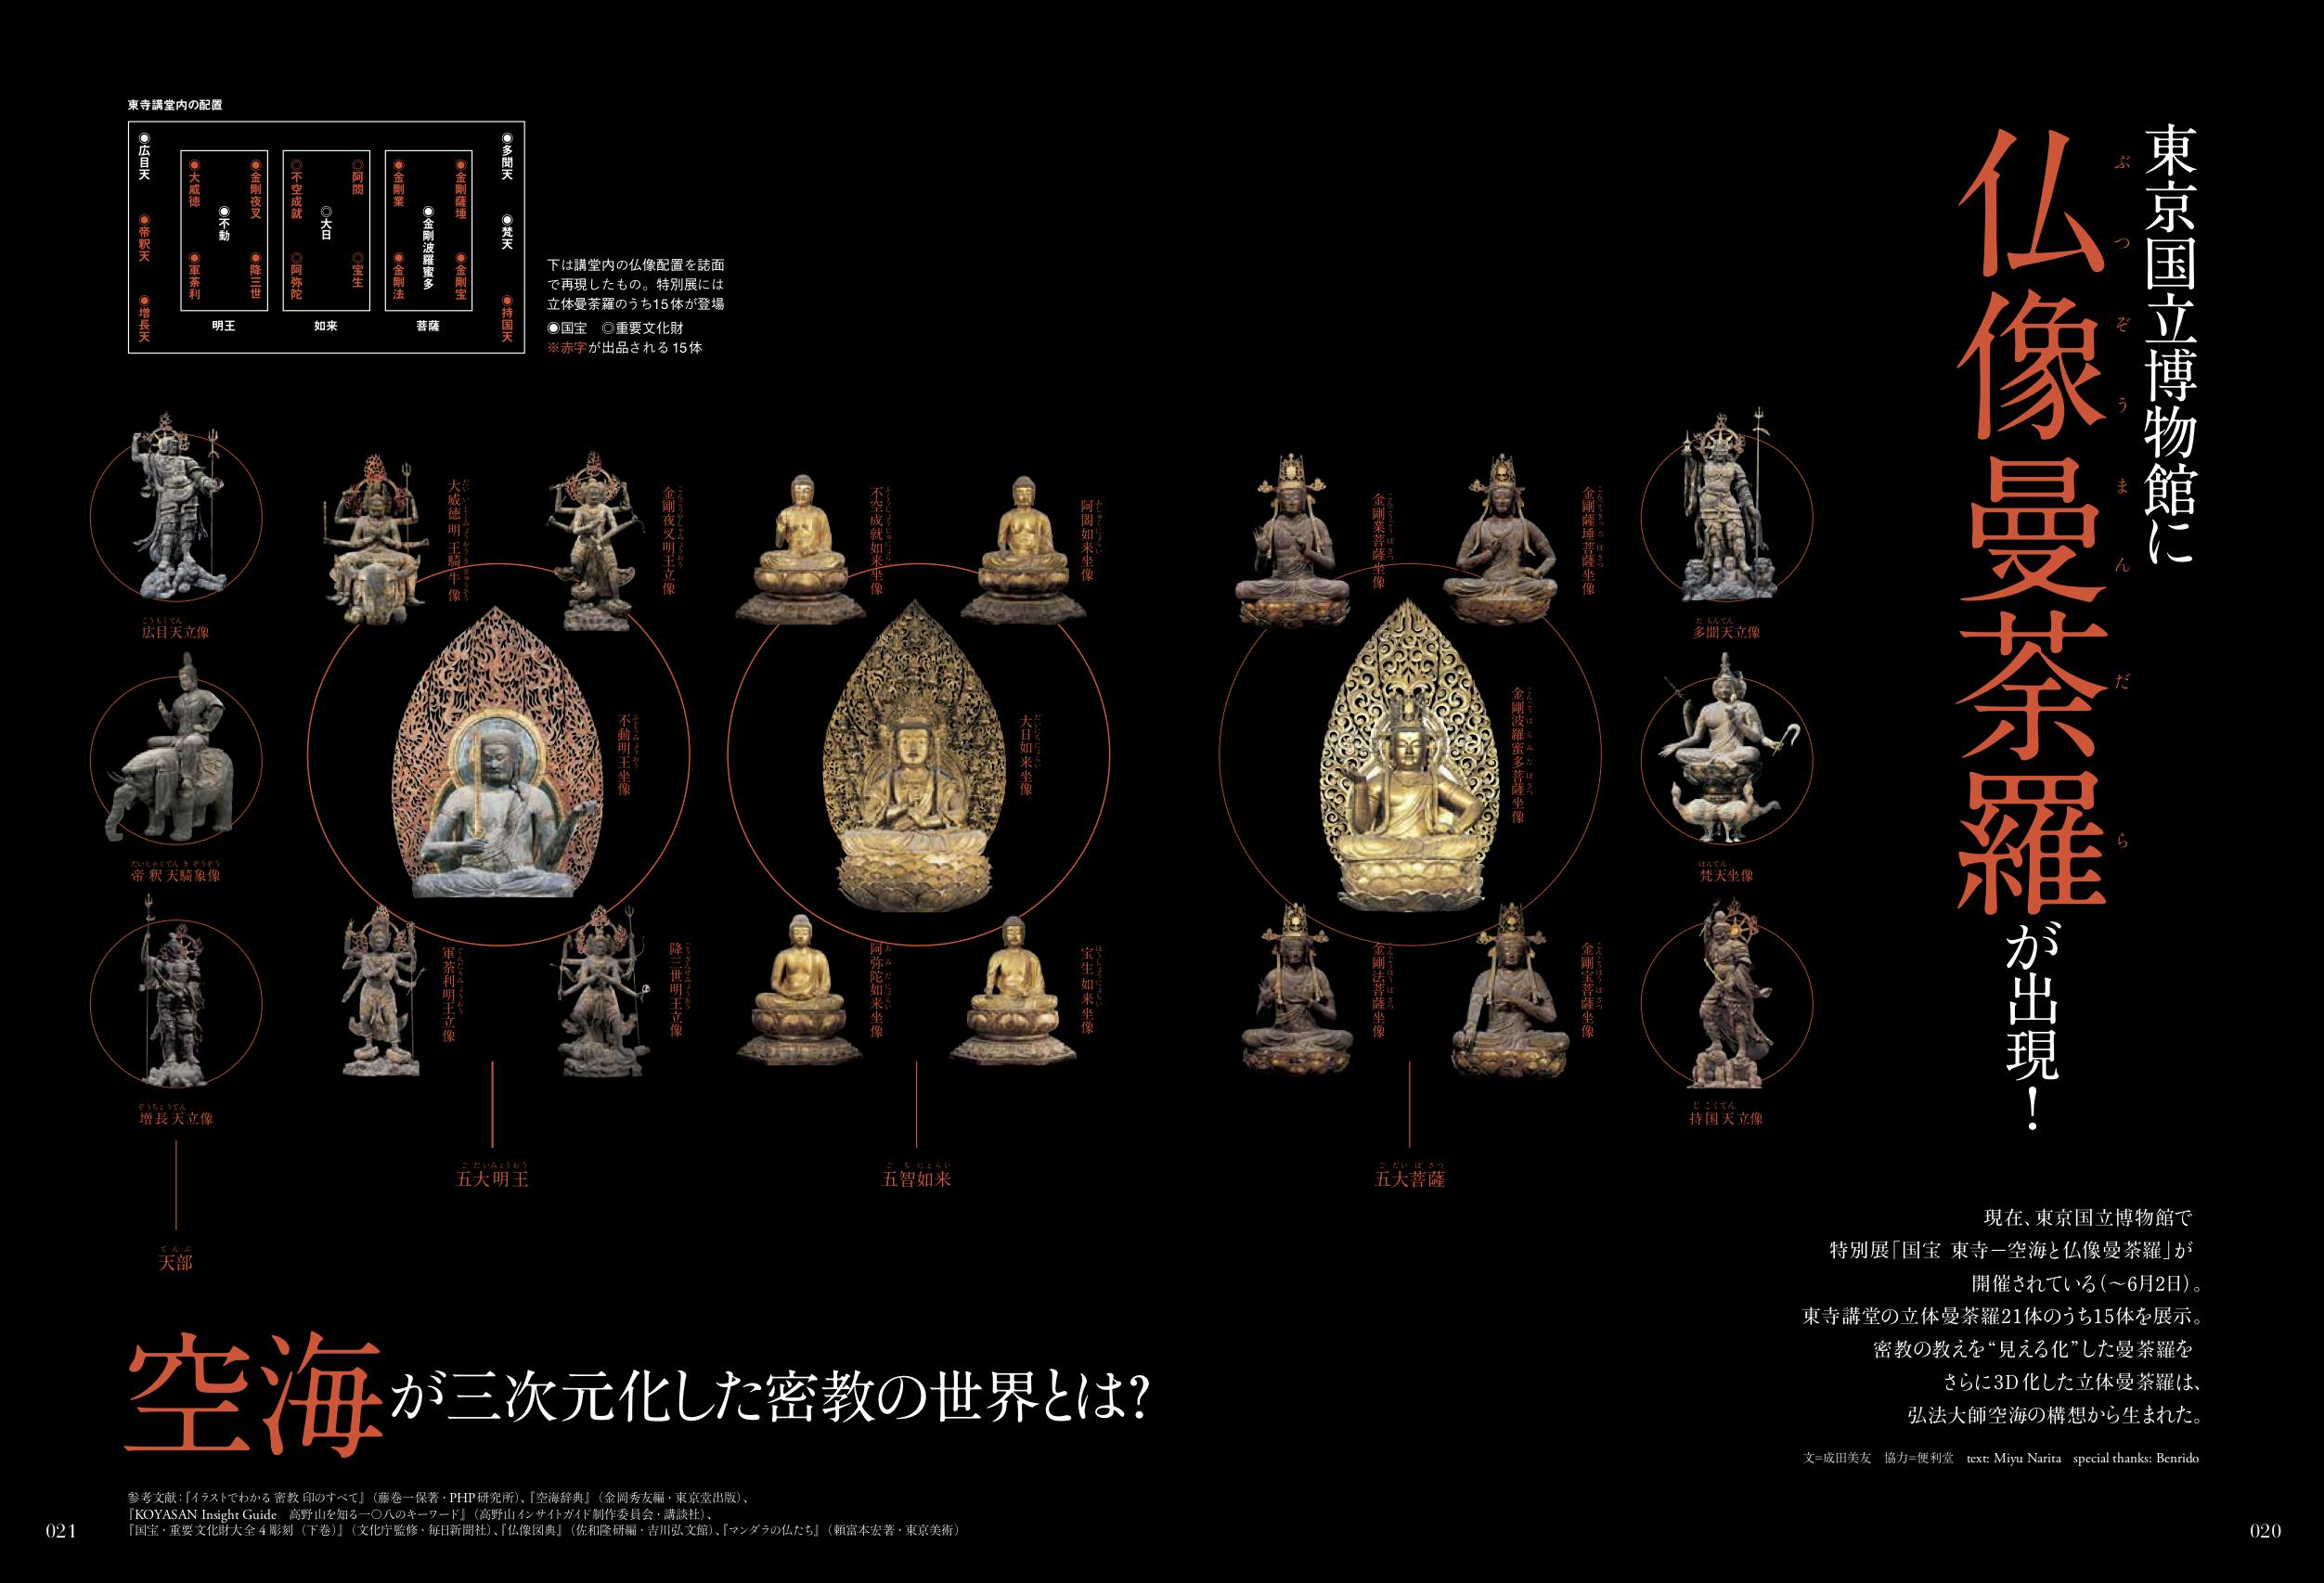 東京国立博物館に仏像曼荼羅が出現!